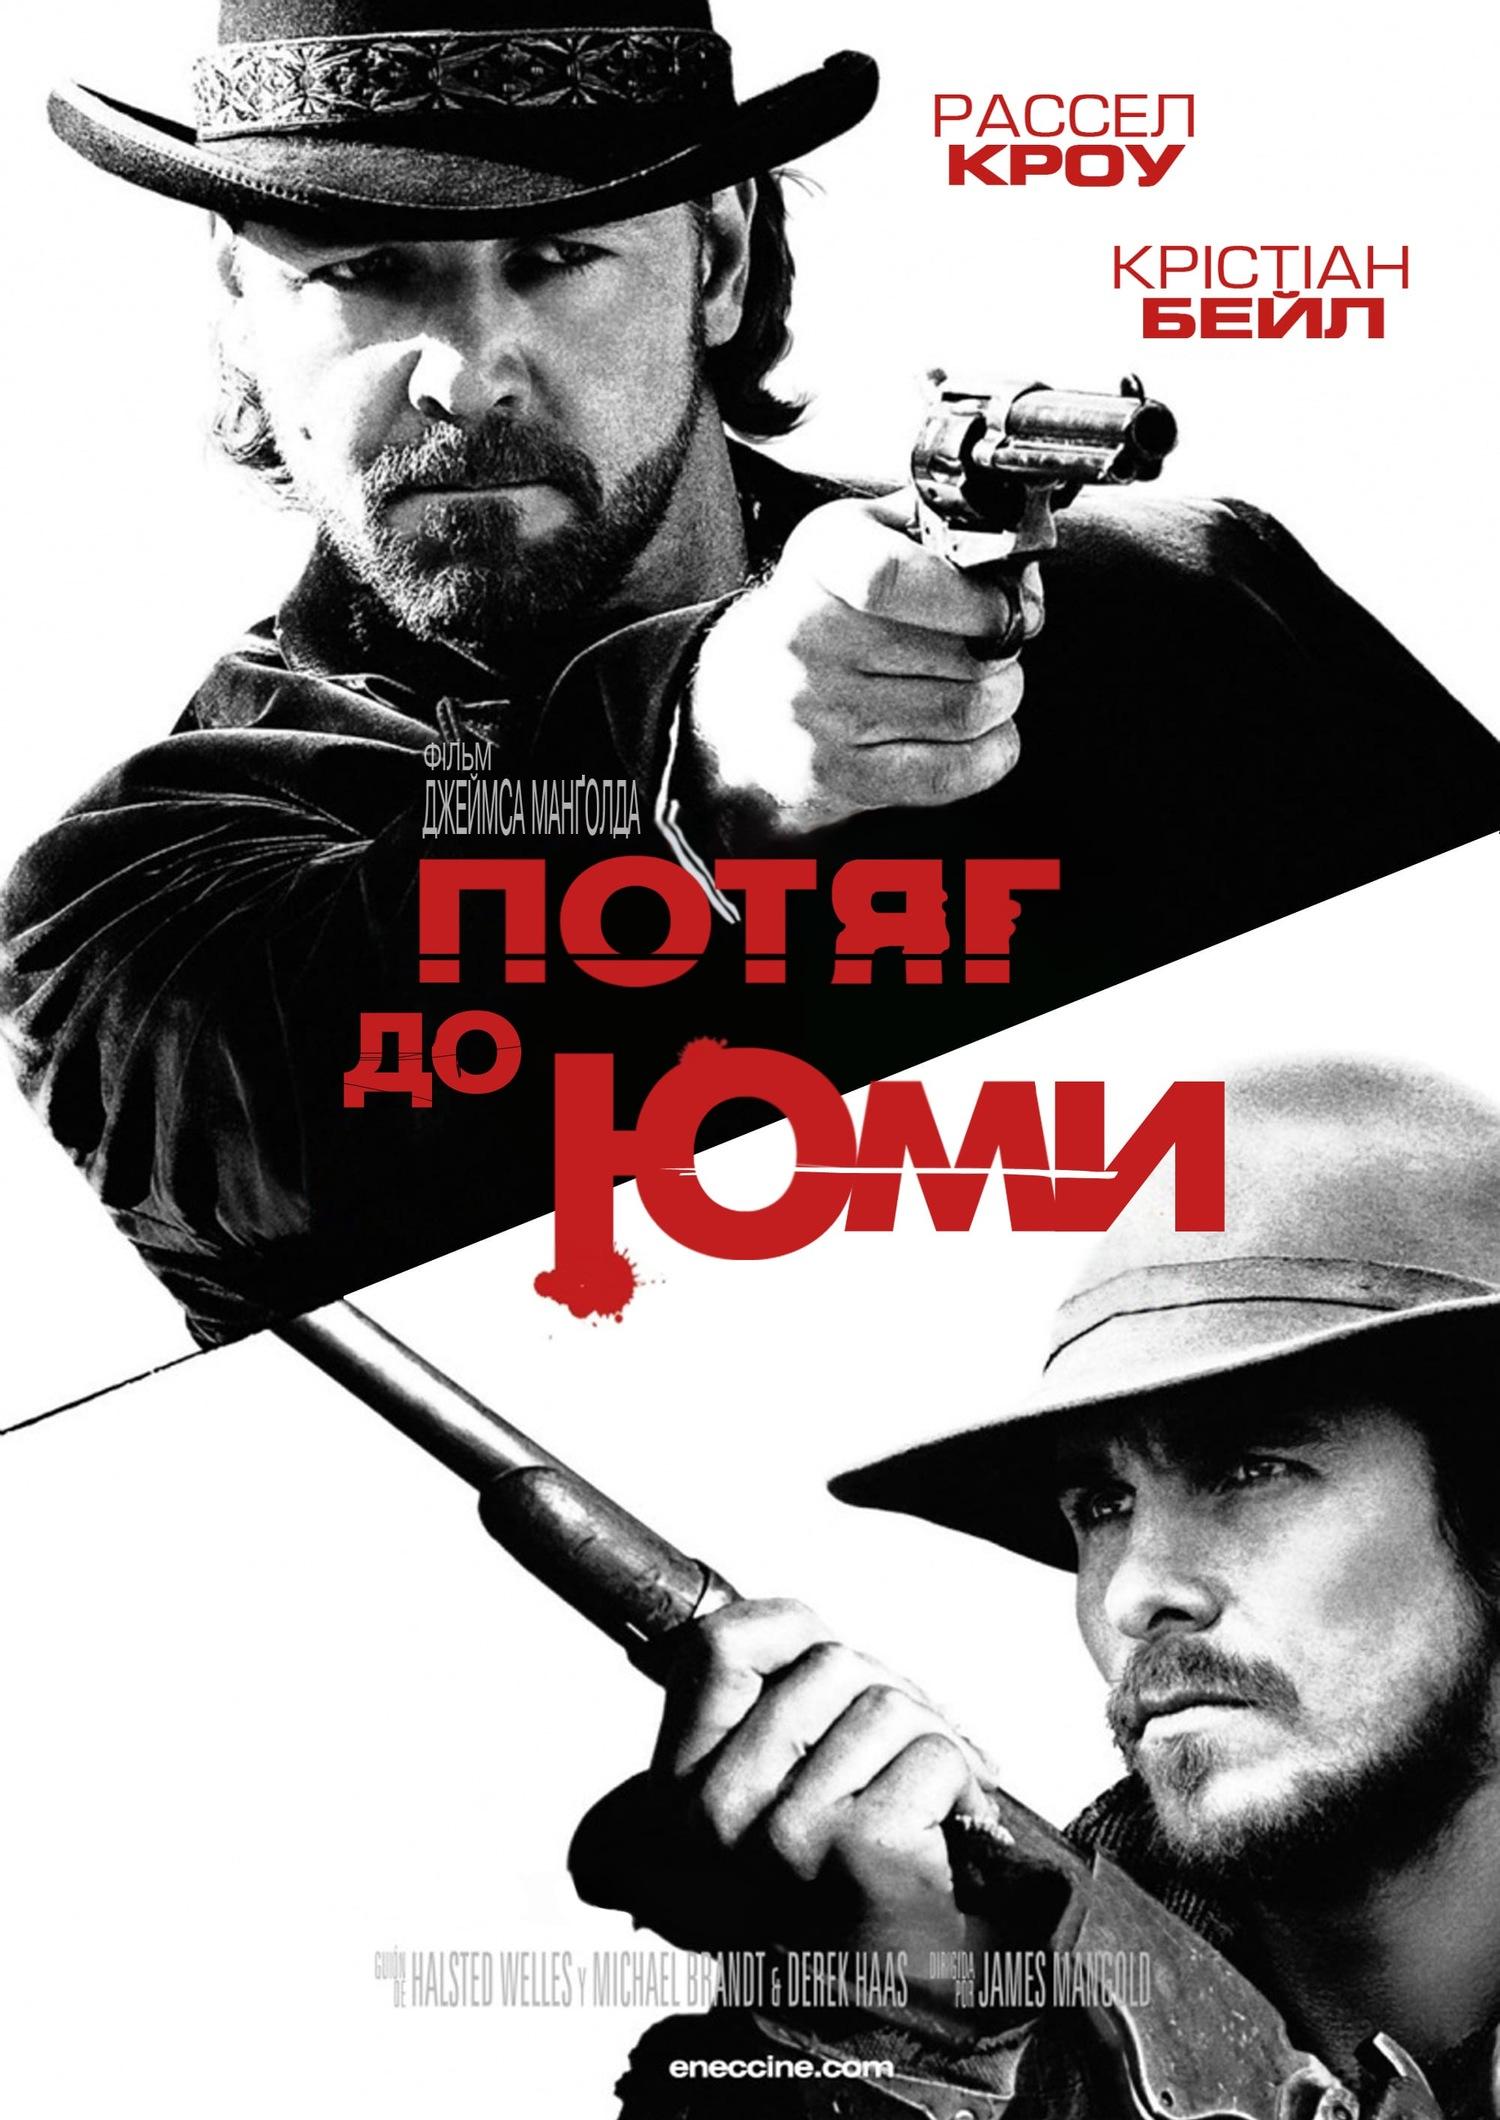 Фильм «Поезд на Юму» (2007): Рассел Кроу, Кристиан Бэйл 1500x2121